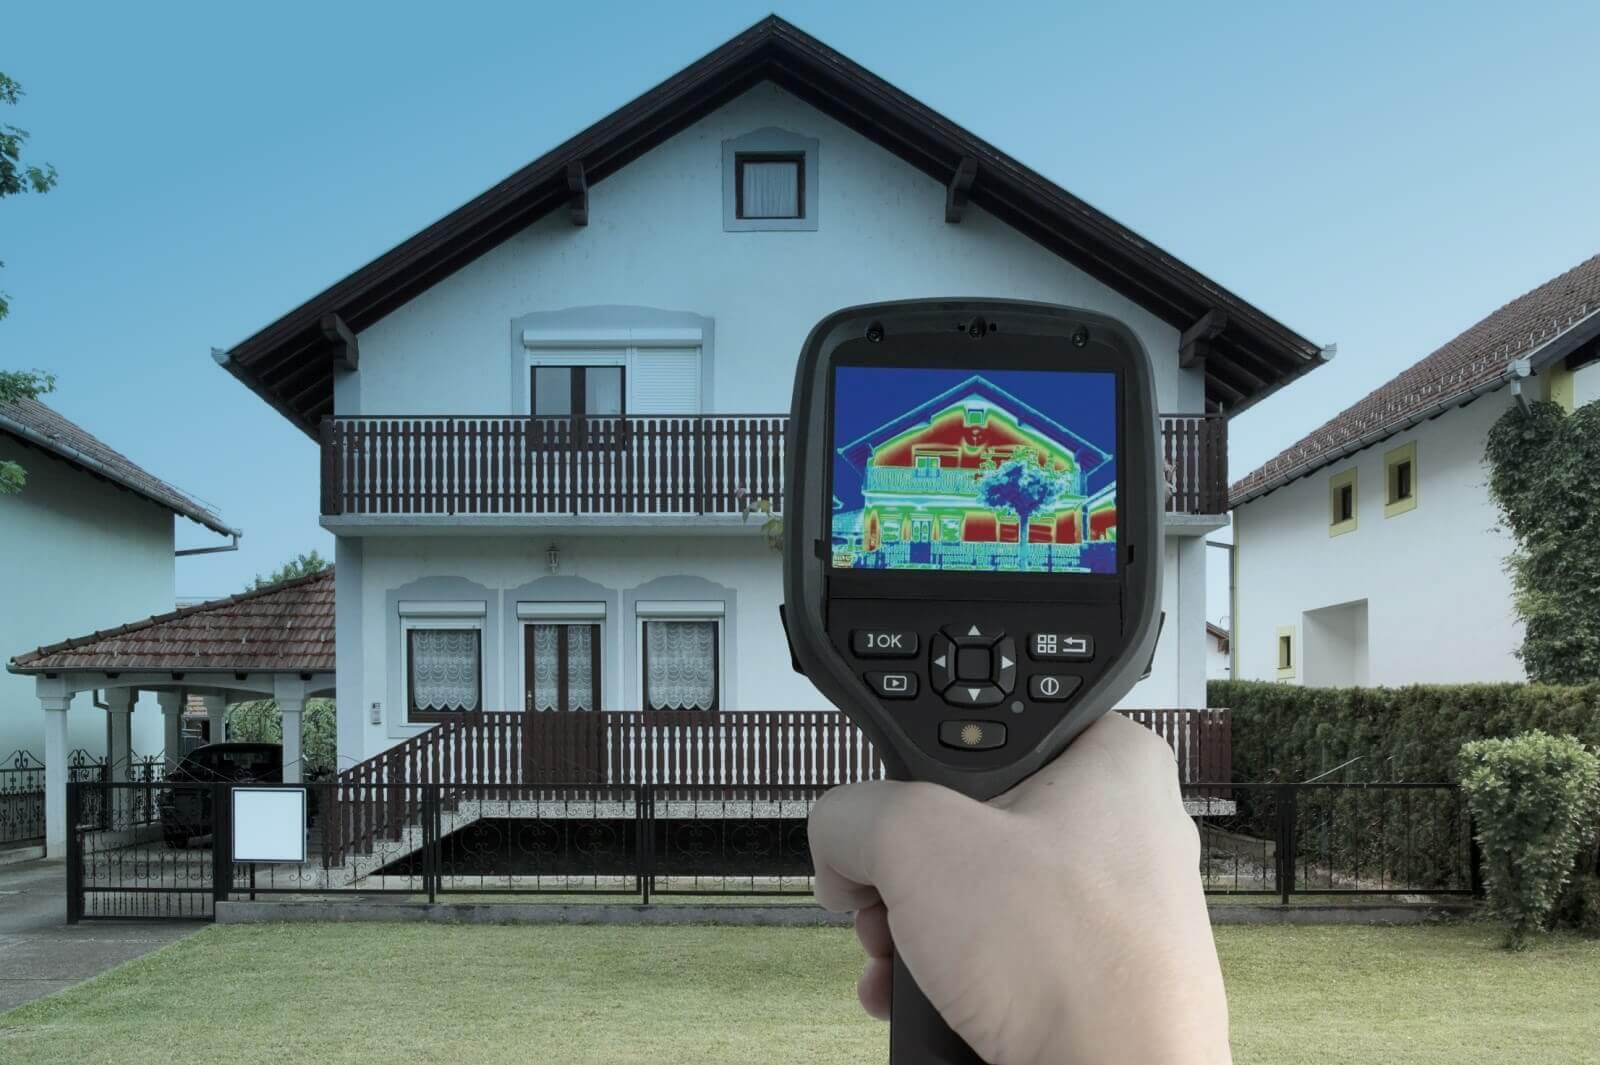 Ottimizzazione Impianti: Che parametri di efficienza energetica?